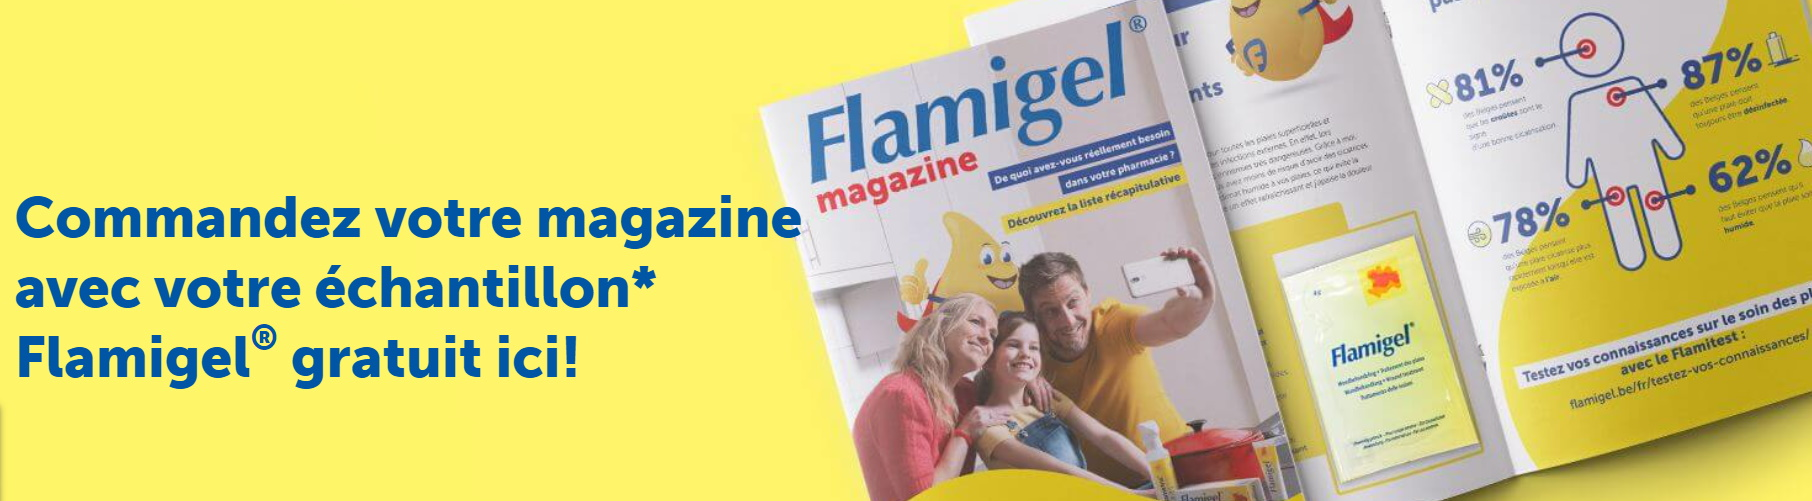 Échantillon gratuit de Flamigel